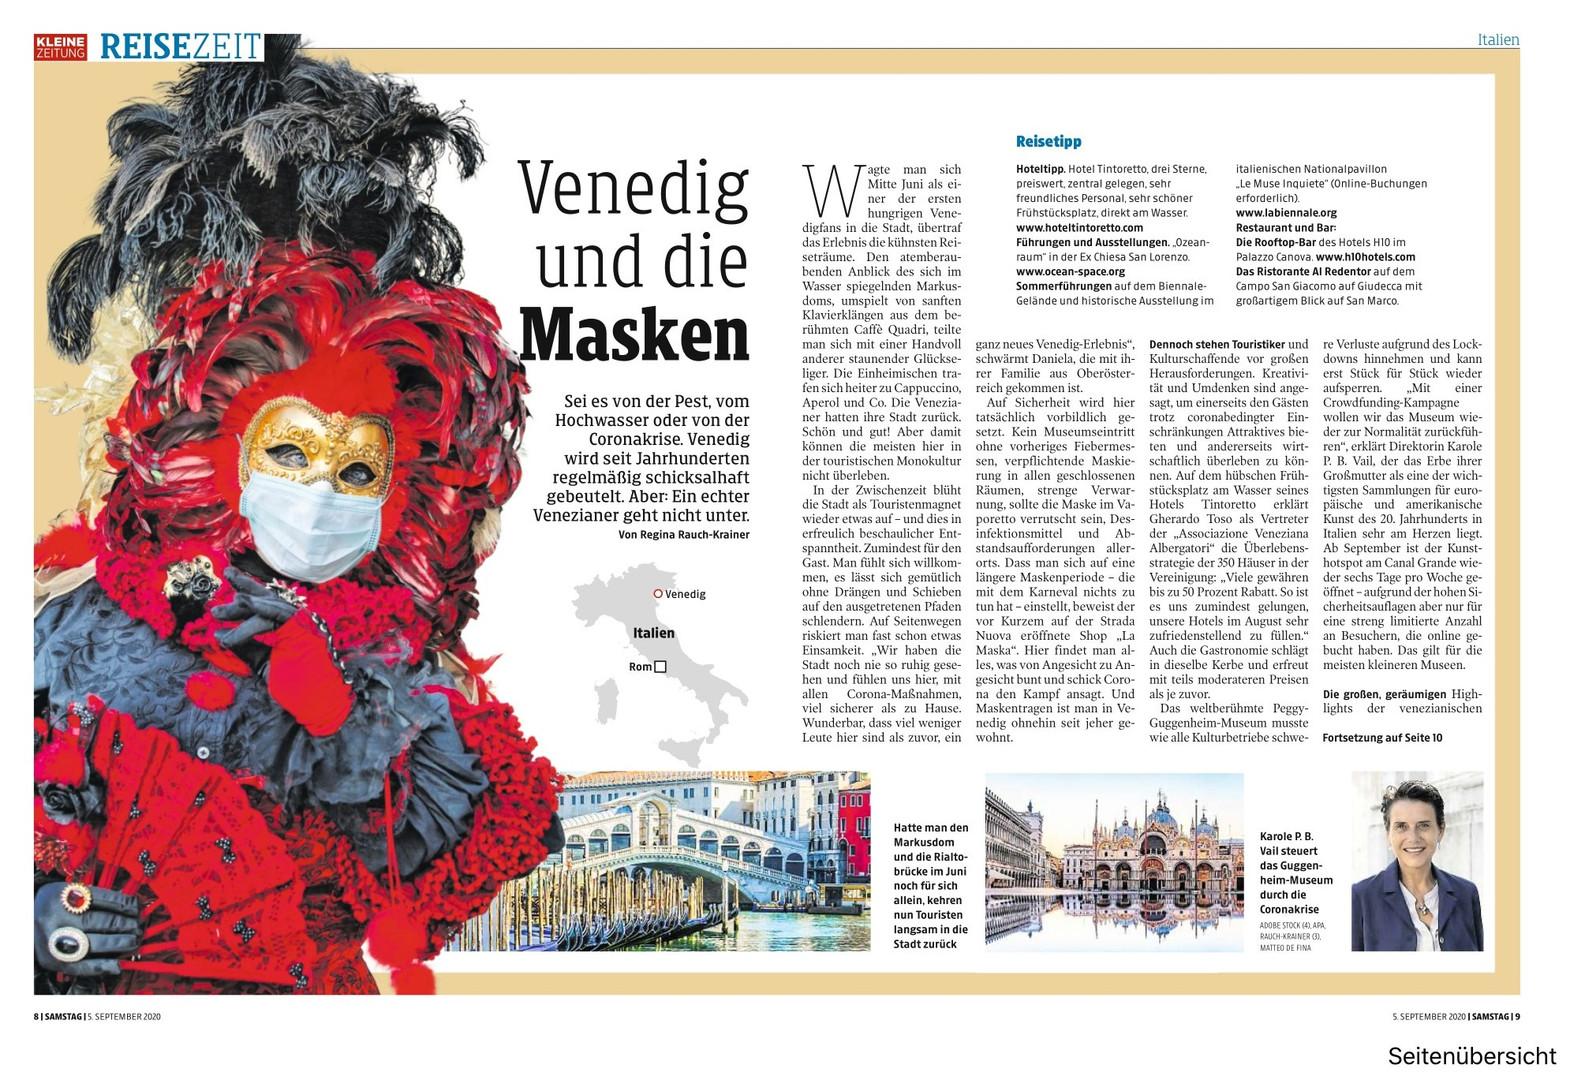 Venedig und die Masken